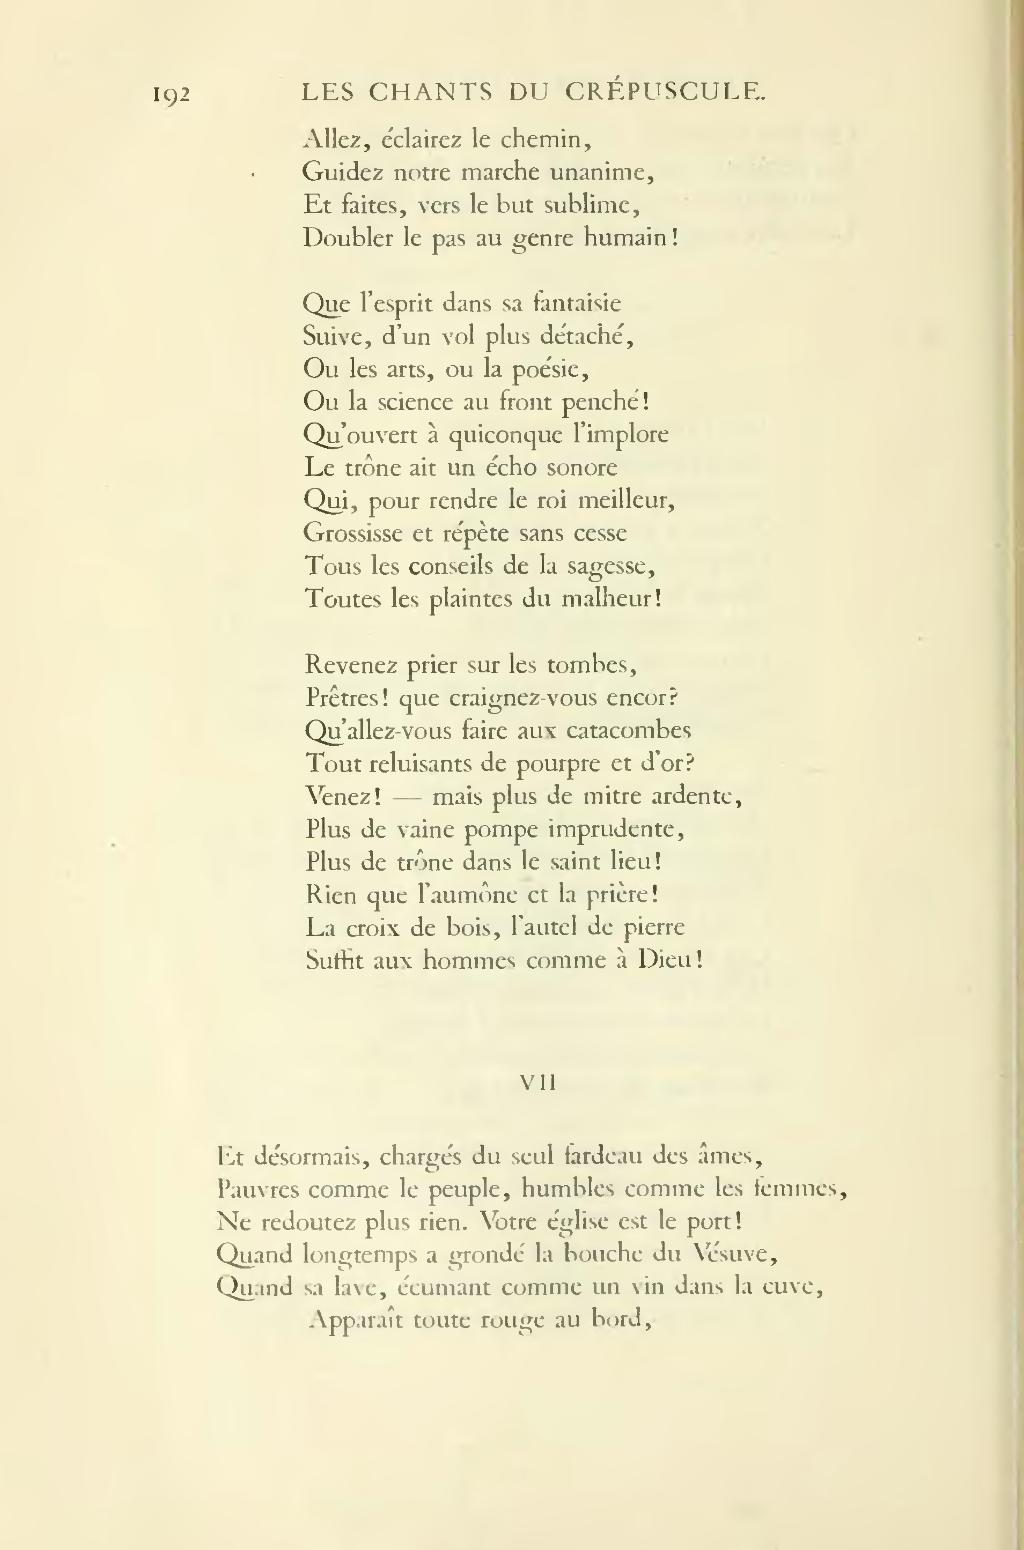 poesie v comme vesuve